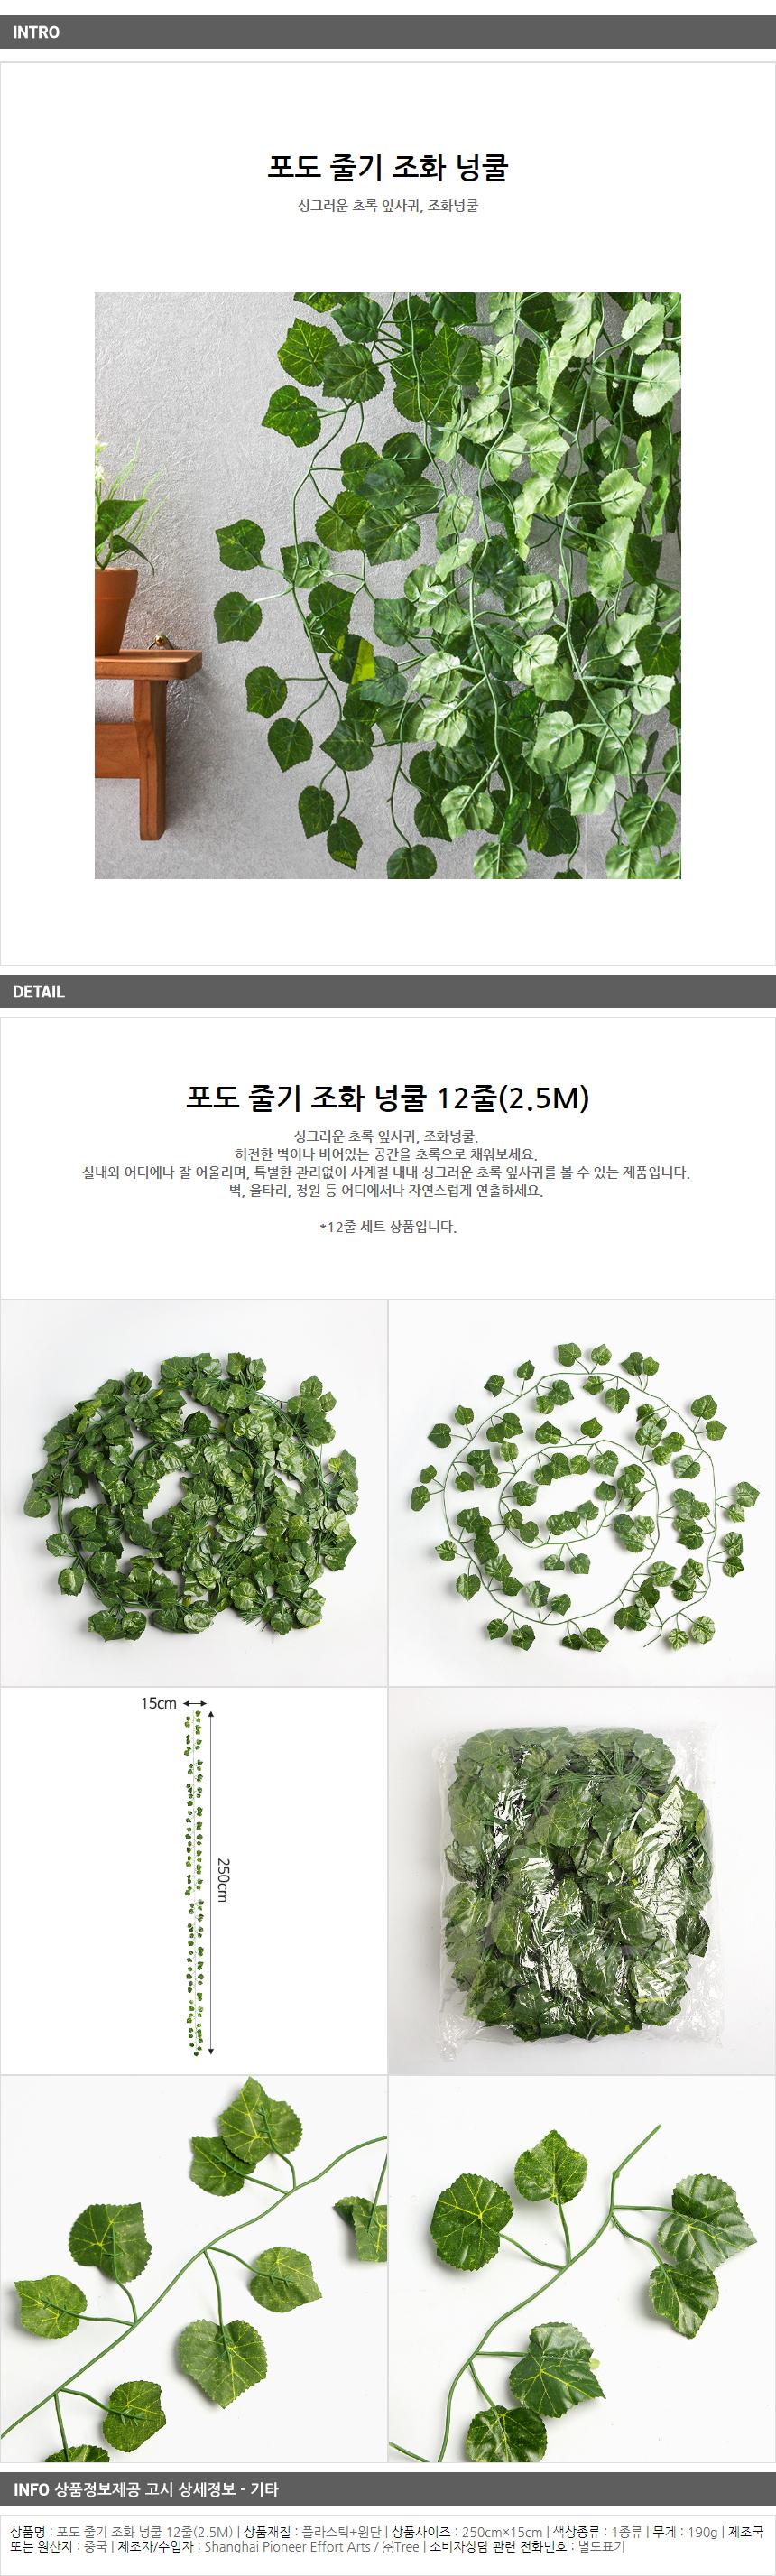 포도줄기 조화넝쿨 12줄/넝쿨조화 담쟁이 조화 벽장식 - 기프트갓, 11,100원, 조화, 부쉬